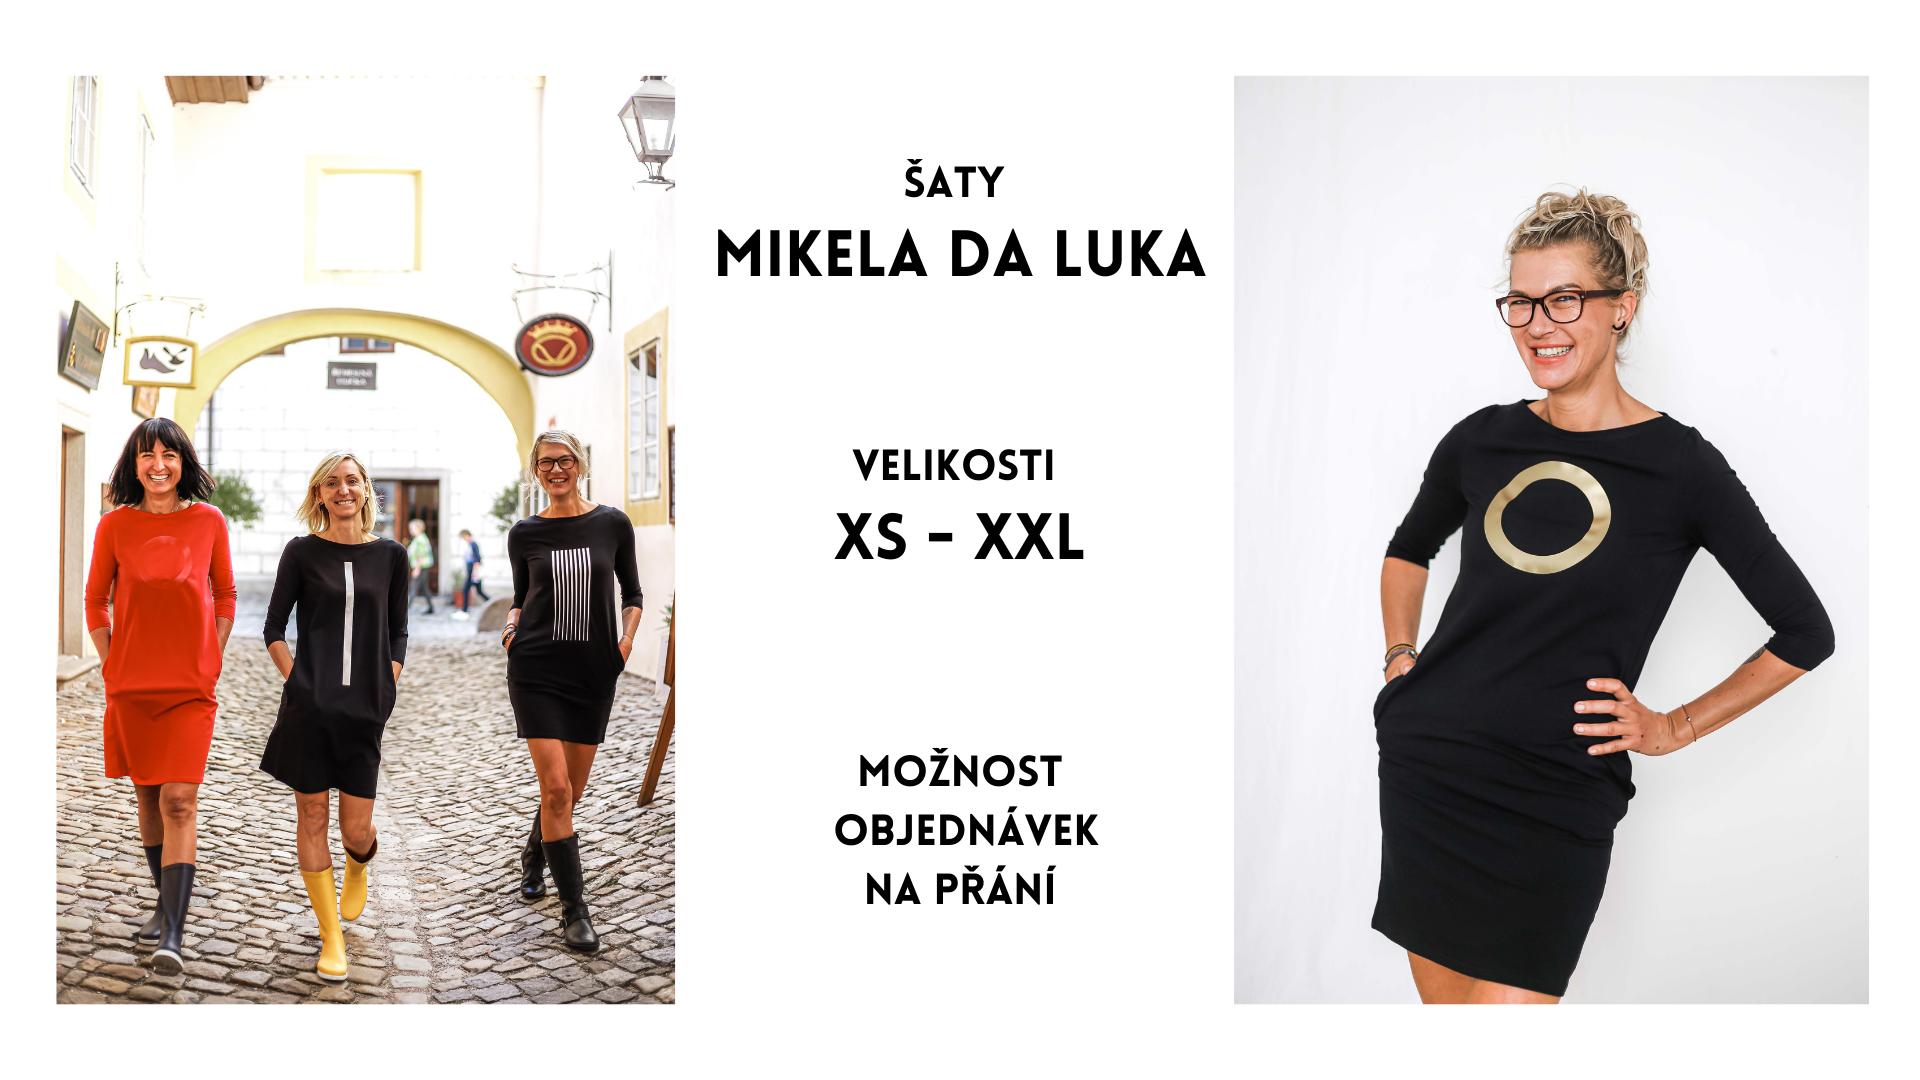 Šaty Mikela da Luka, velikosti XS - XXL, objednávky na přání